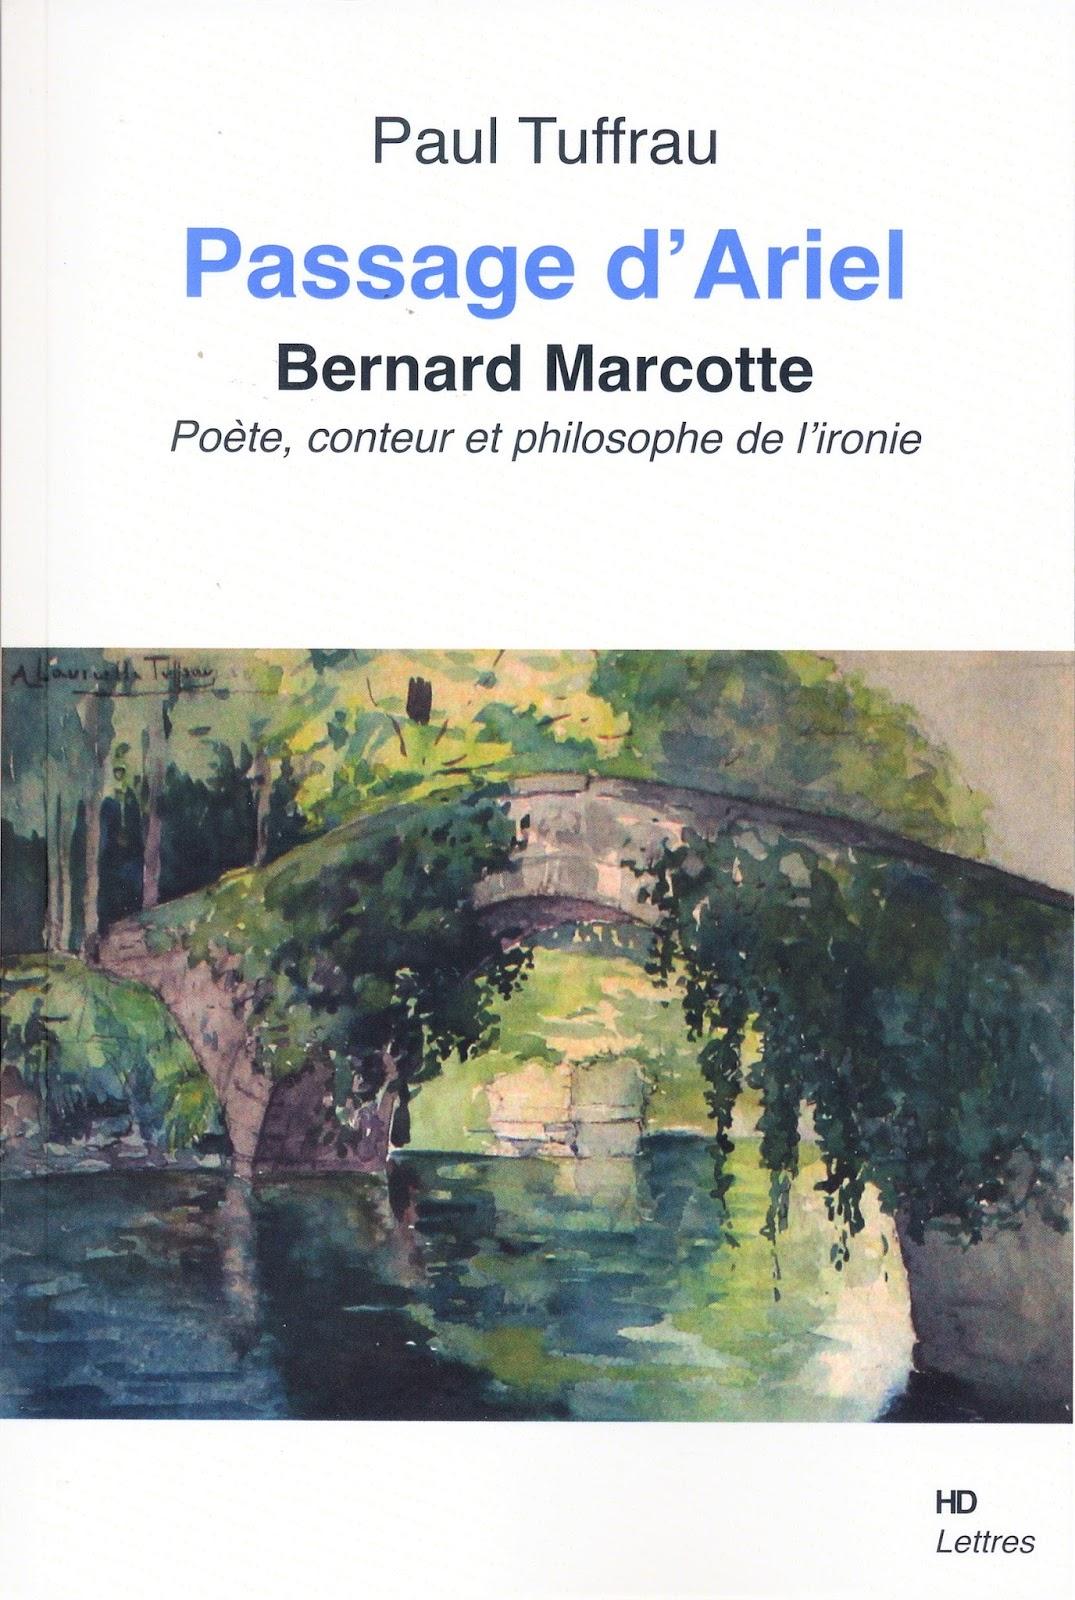 P. Tuffrau, Passage d'Ariel. Bernard Marcotte, poète, conteur et philosophe de l'ironie